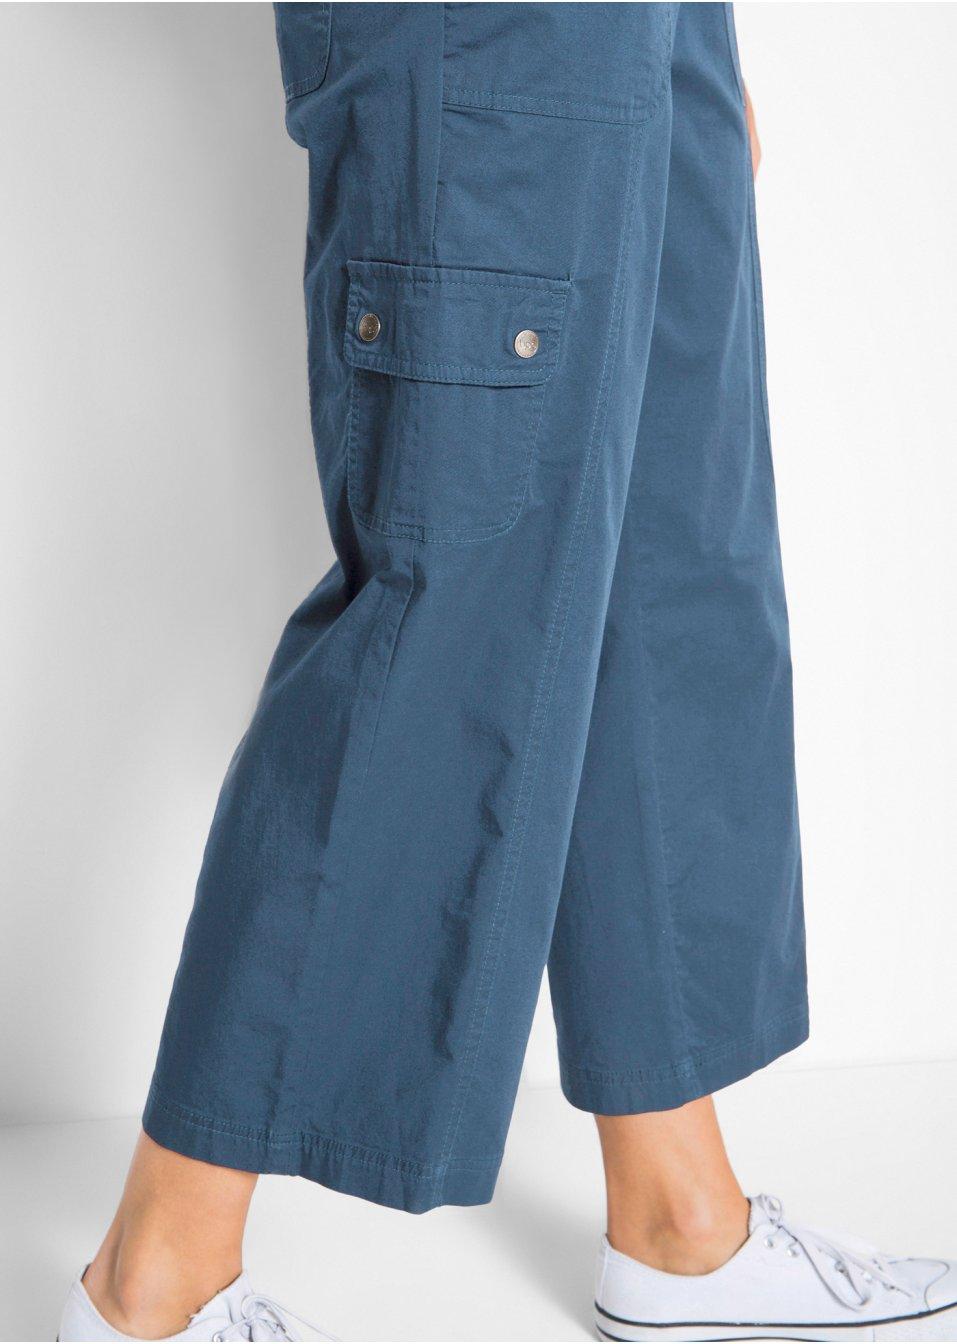 Mode Femme Vêtements DJLfdOFlkj Pantalon de loisirs 7/8 confortable au look décontracté et en matière paper touch indigo